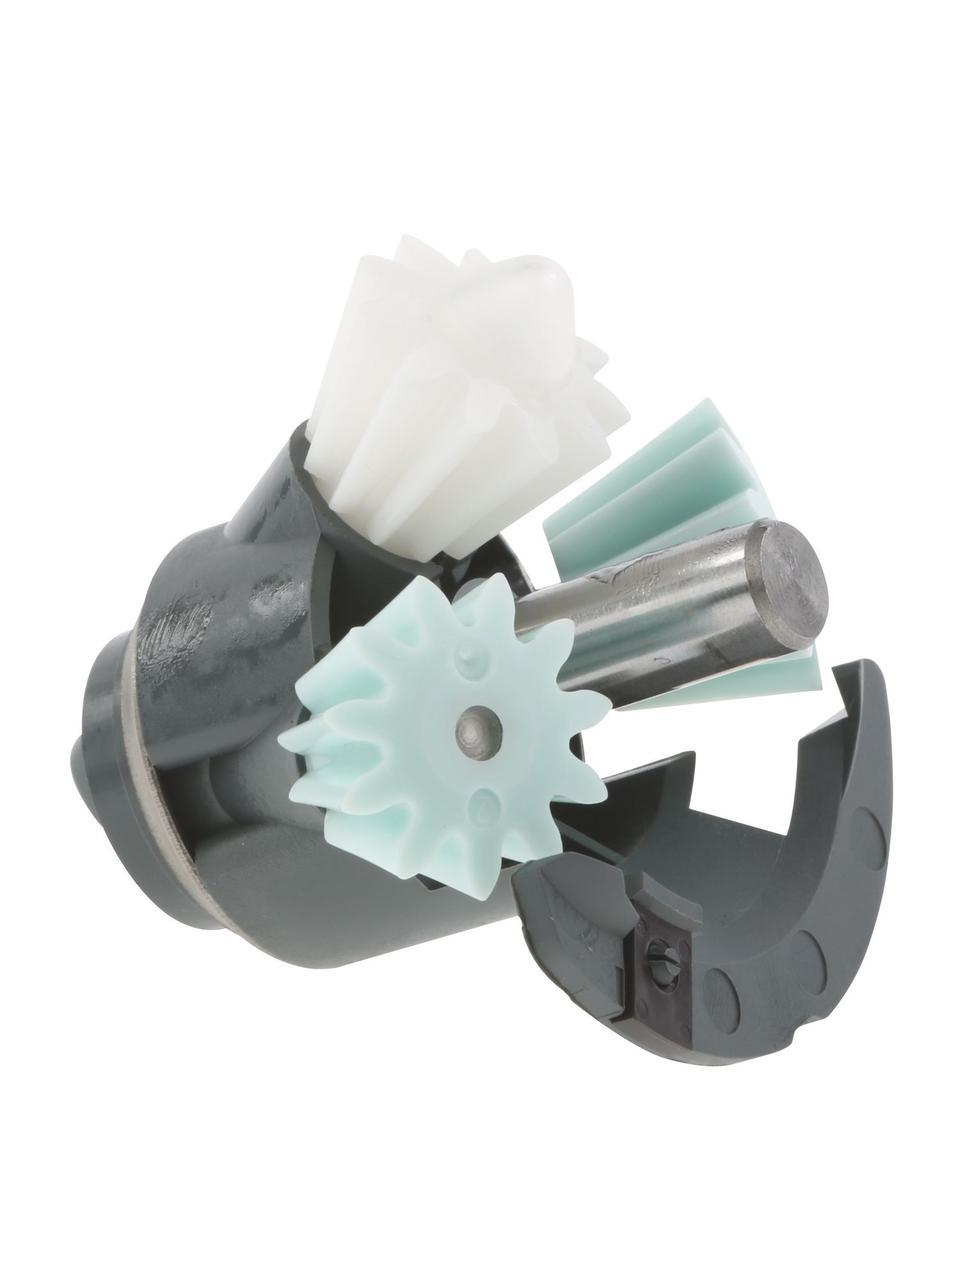 Привод к кухонным комбайнам Bosch 00622181, с металлическим стержнем